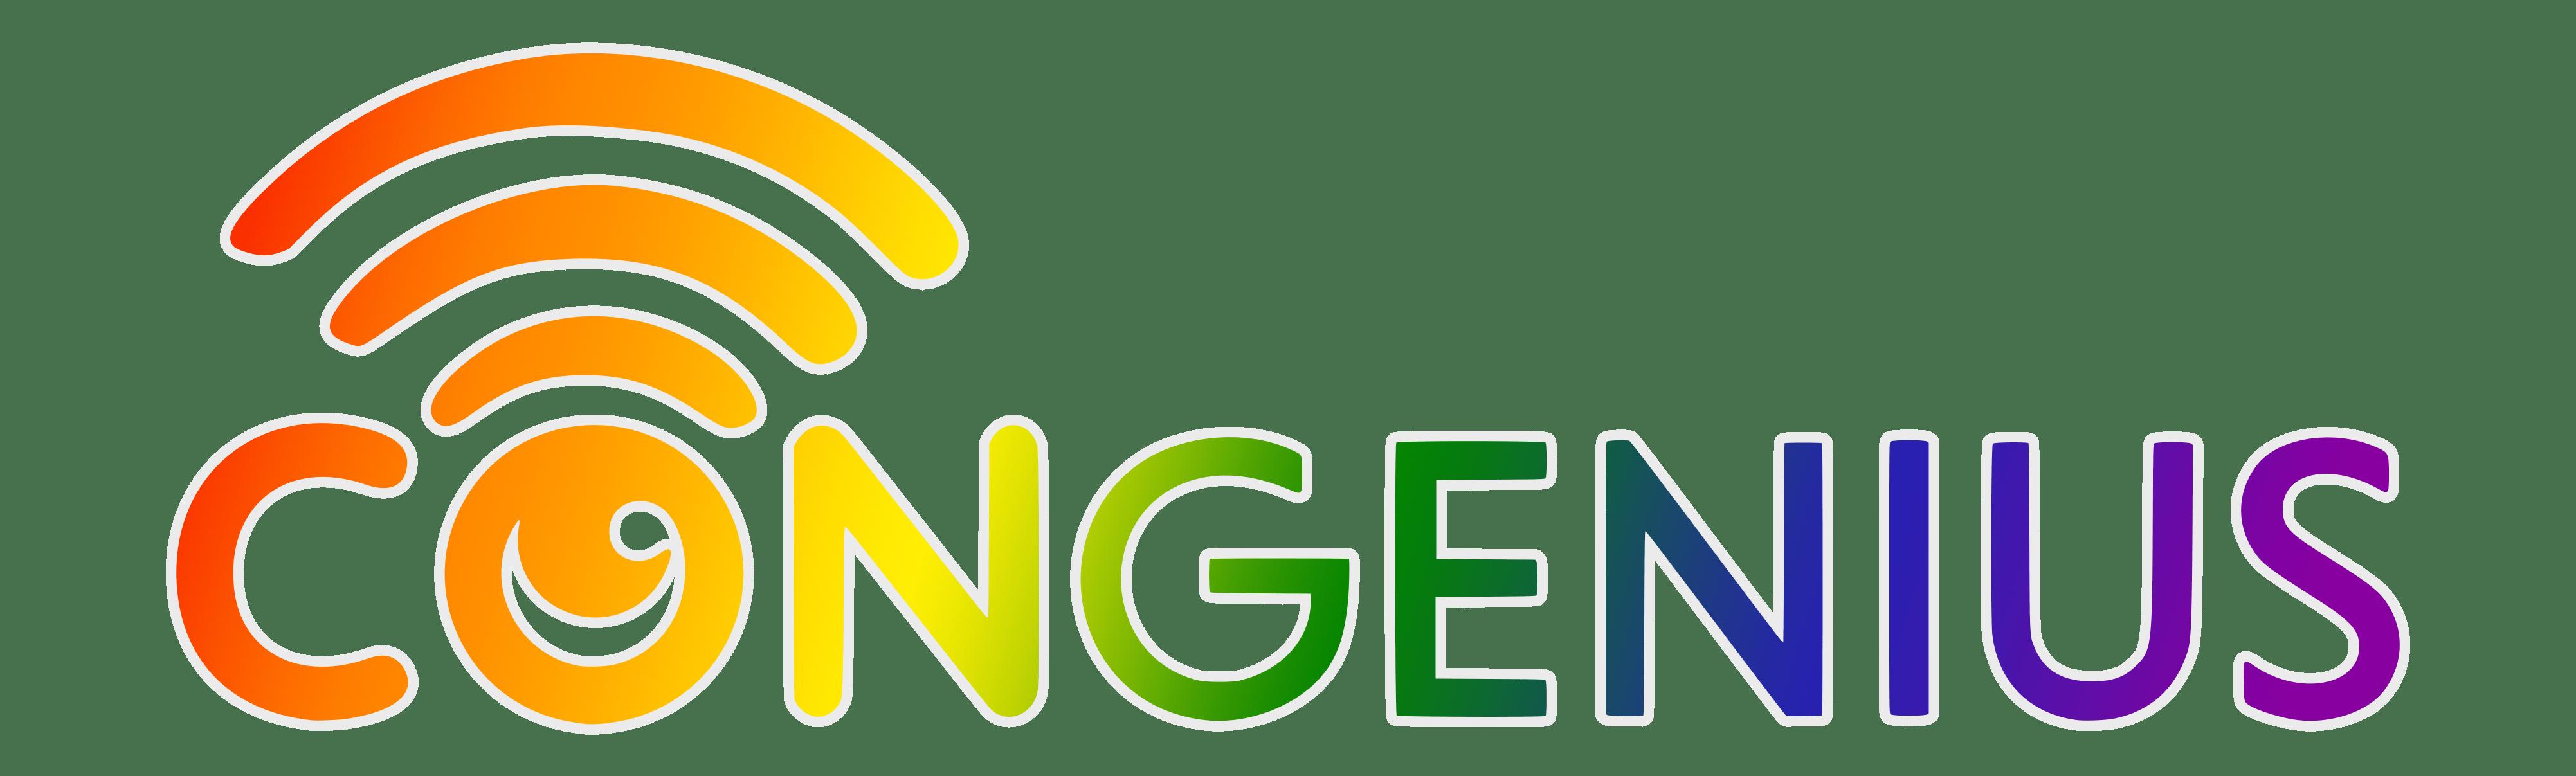 Congenius